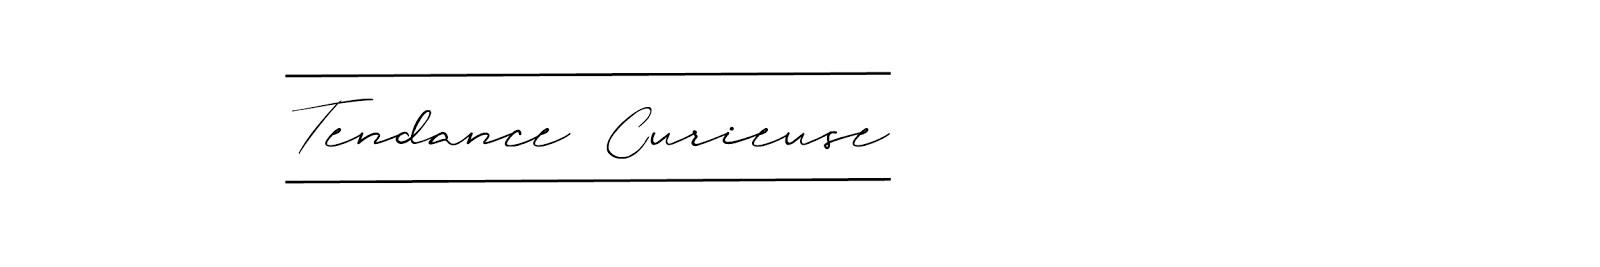 Tendance Curieuse